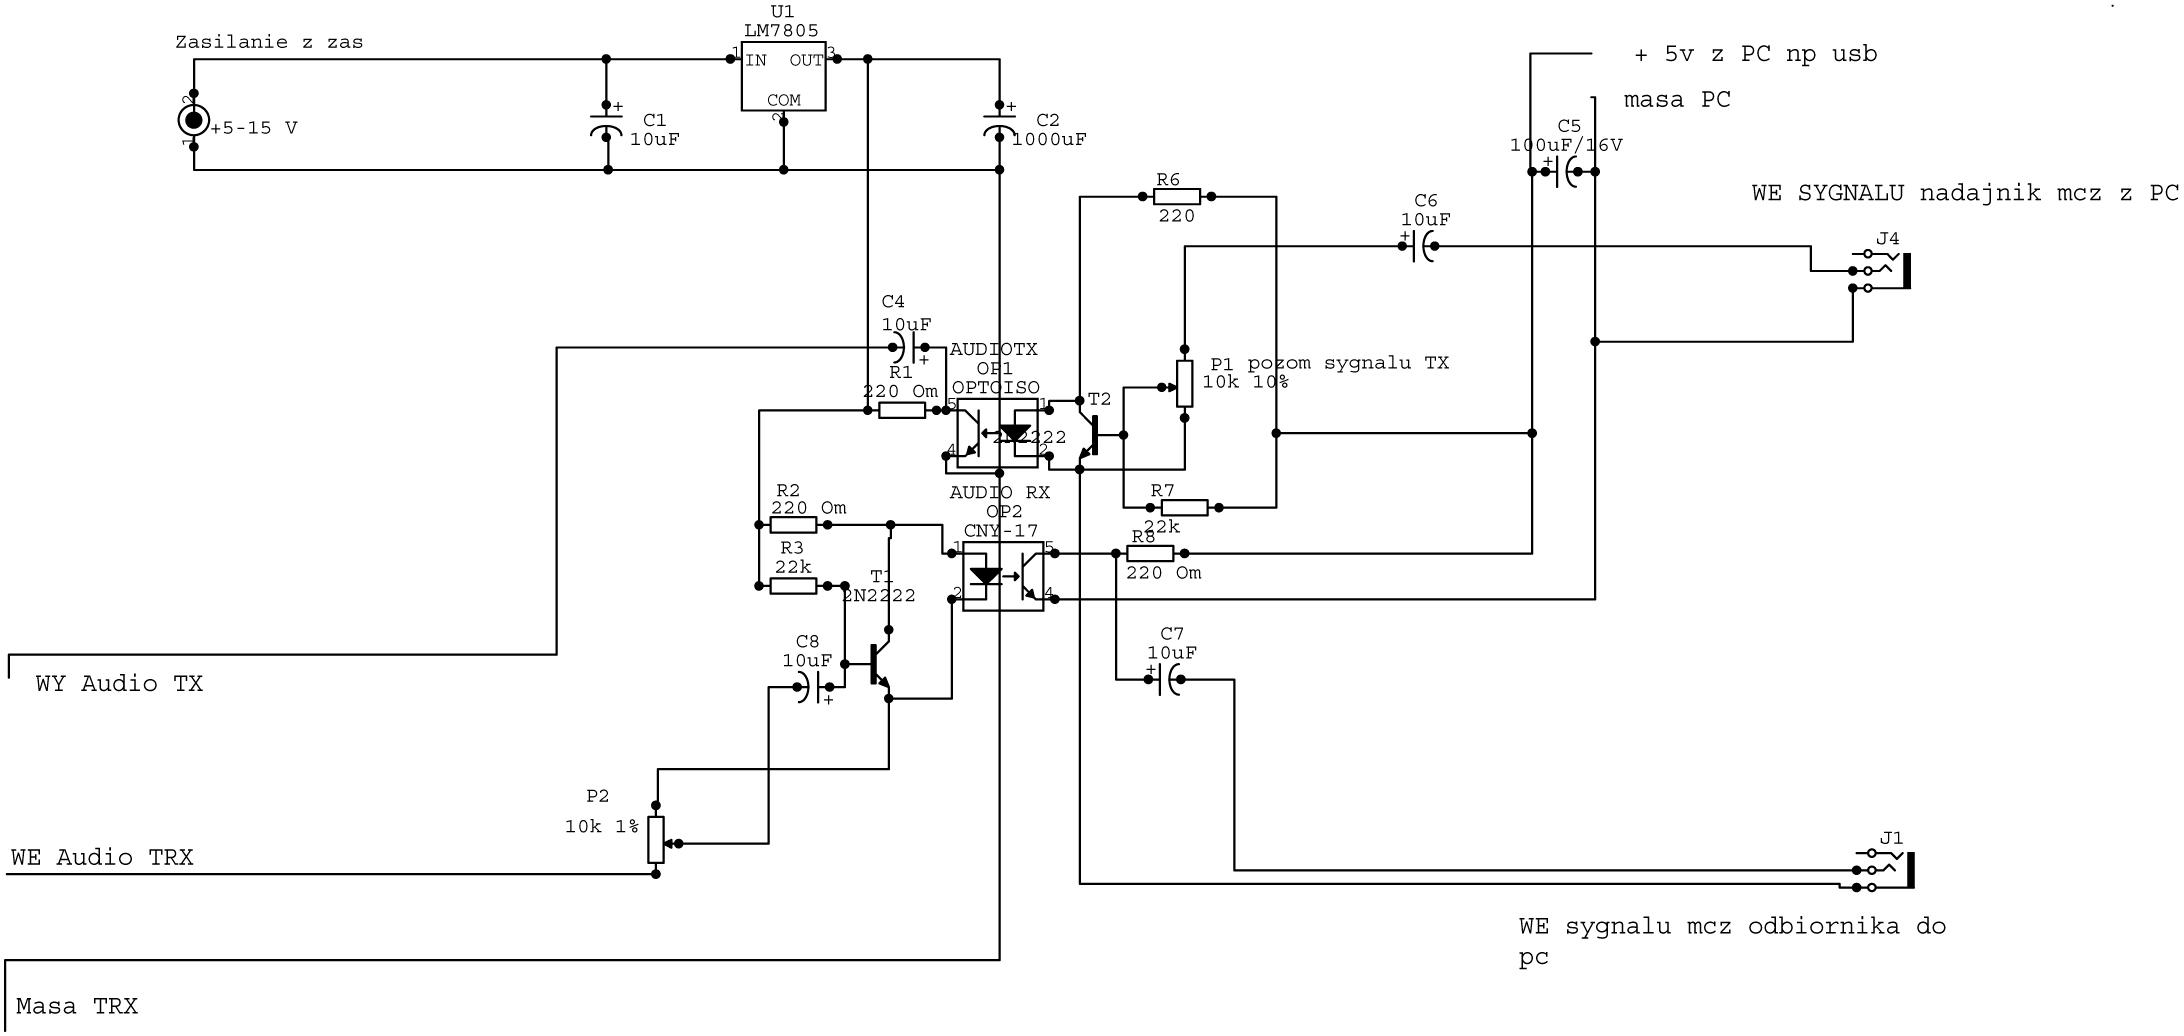 modem-digi-gotowy-samo-audio